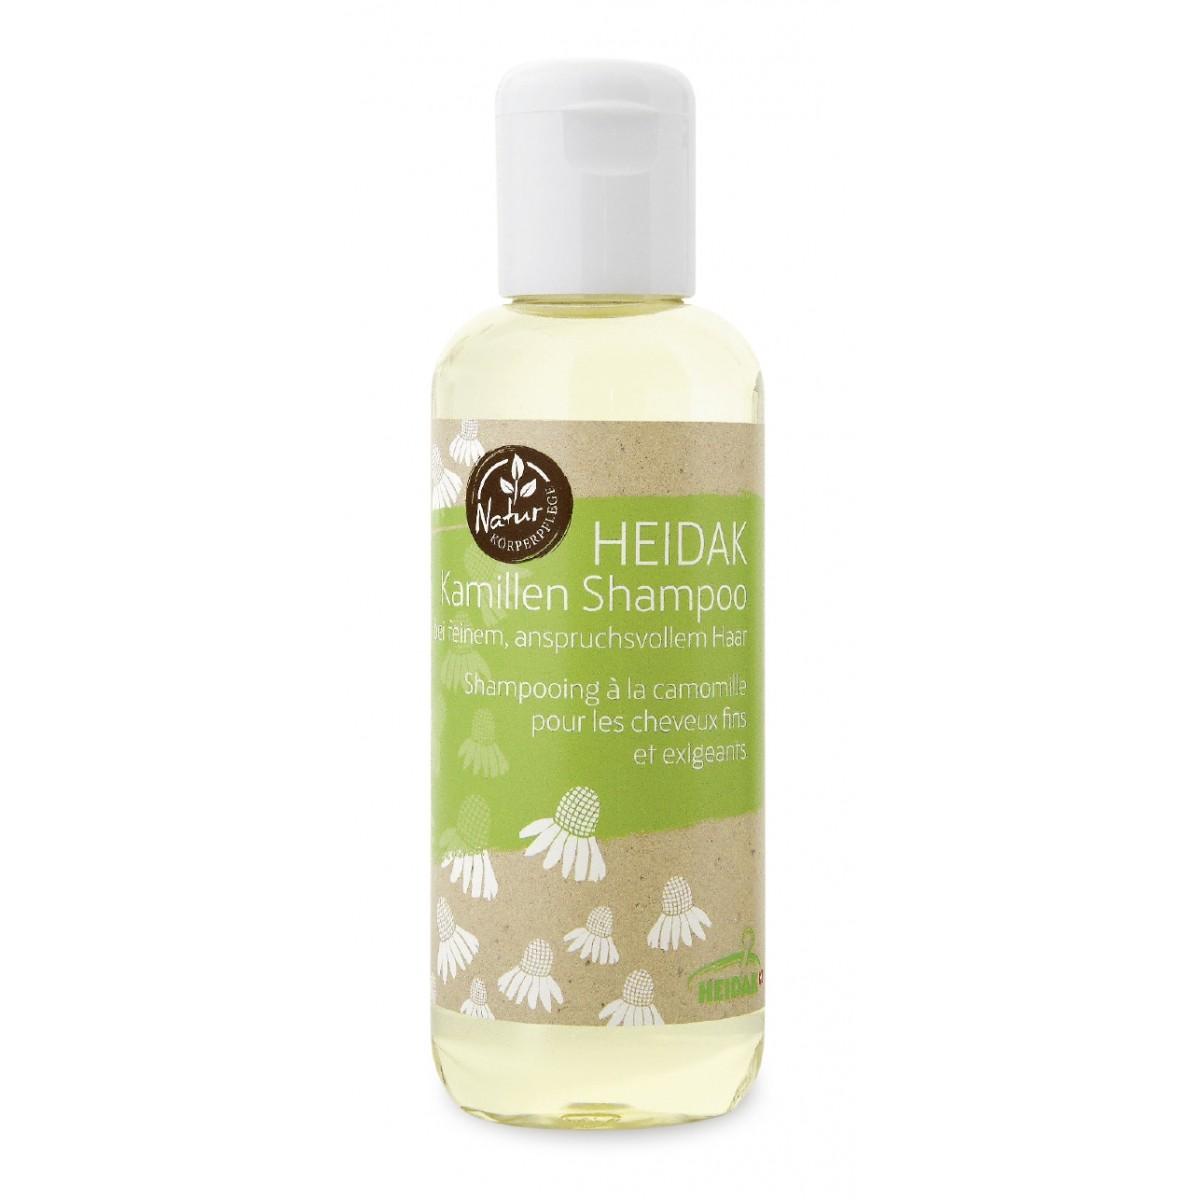 Heidak Kamillen Shampoo 250ml